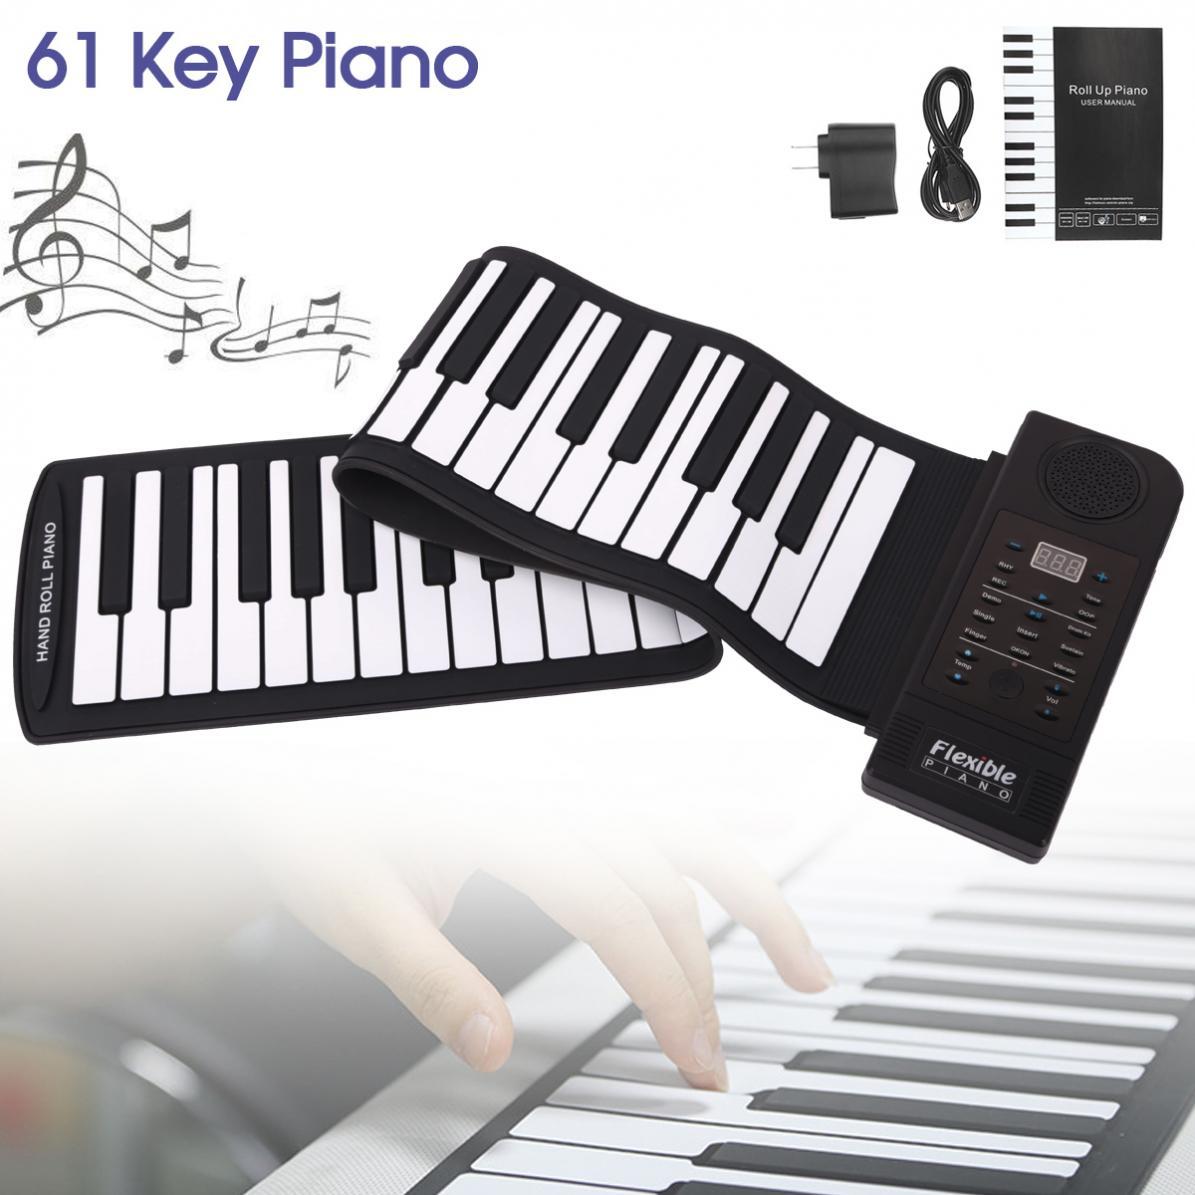 سليد المحمولة 61 مفاتيح نشمر مرنة سيليكون البيانو USB الإلكترونية ميدي لوحة المفاتيح البيانو